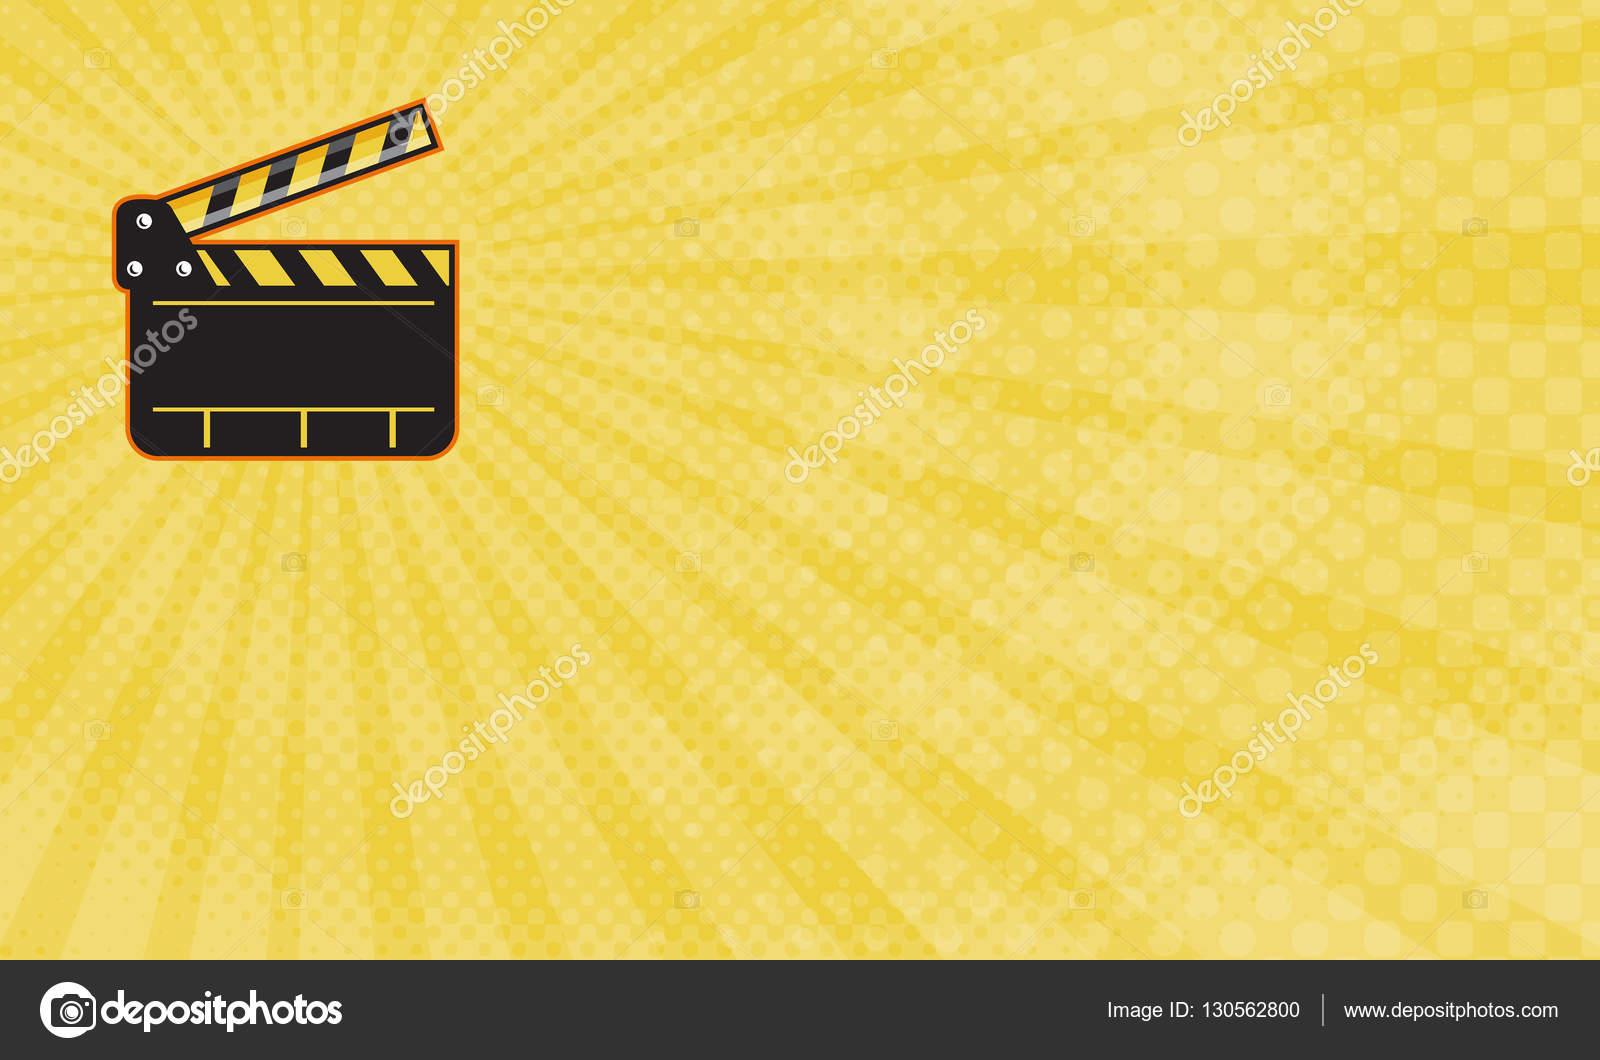 Movie Editor Business Card — Stock Photo © patrimonio #130562800